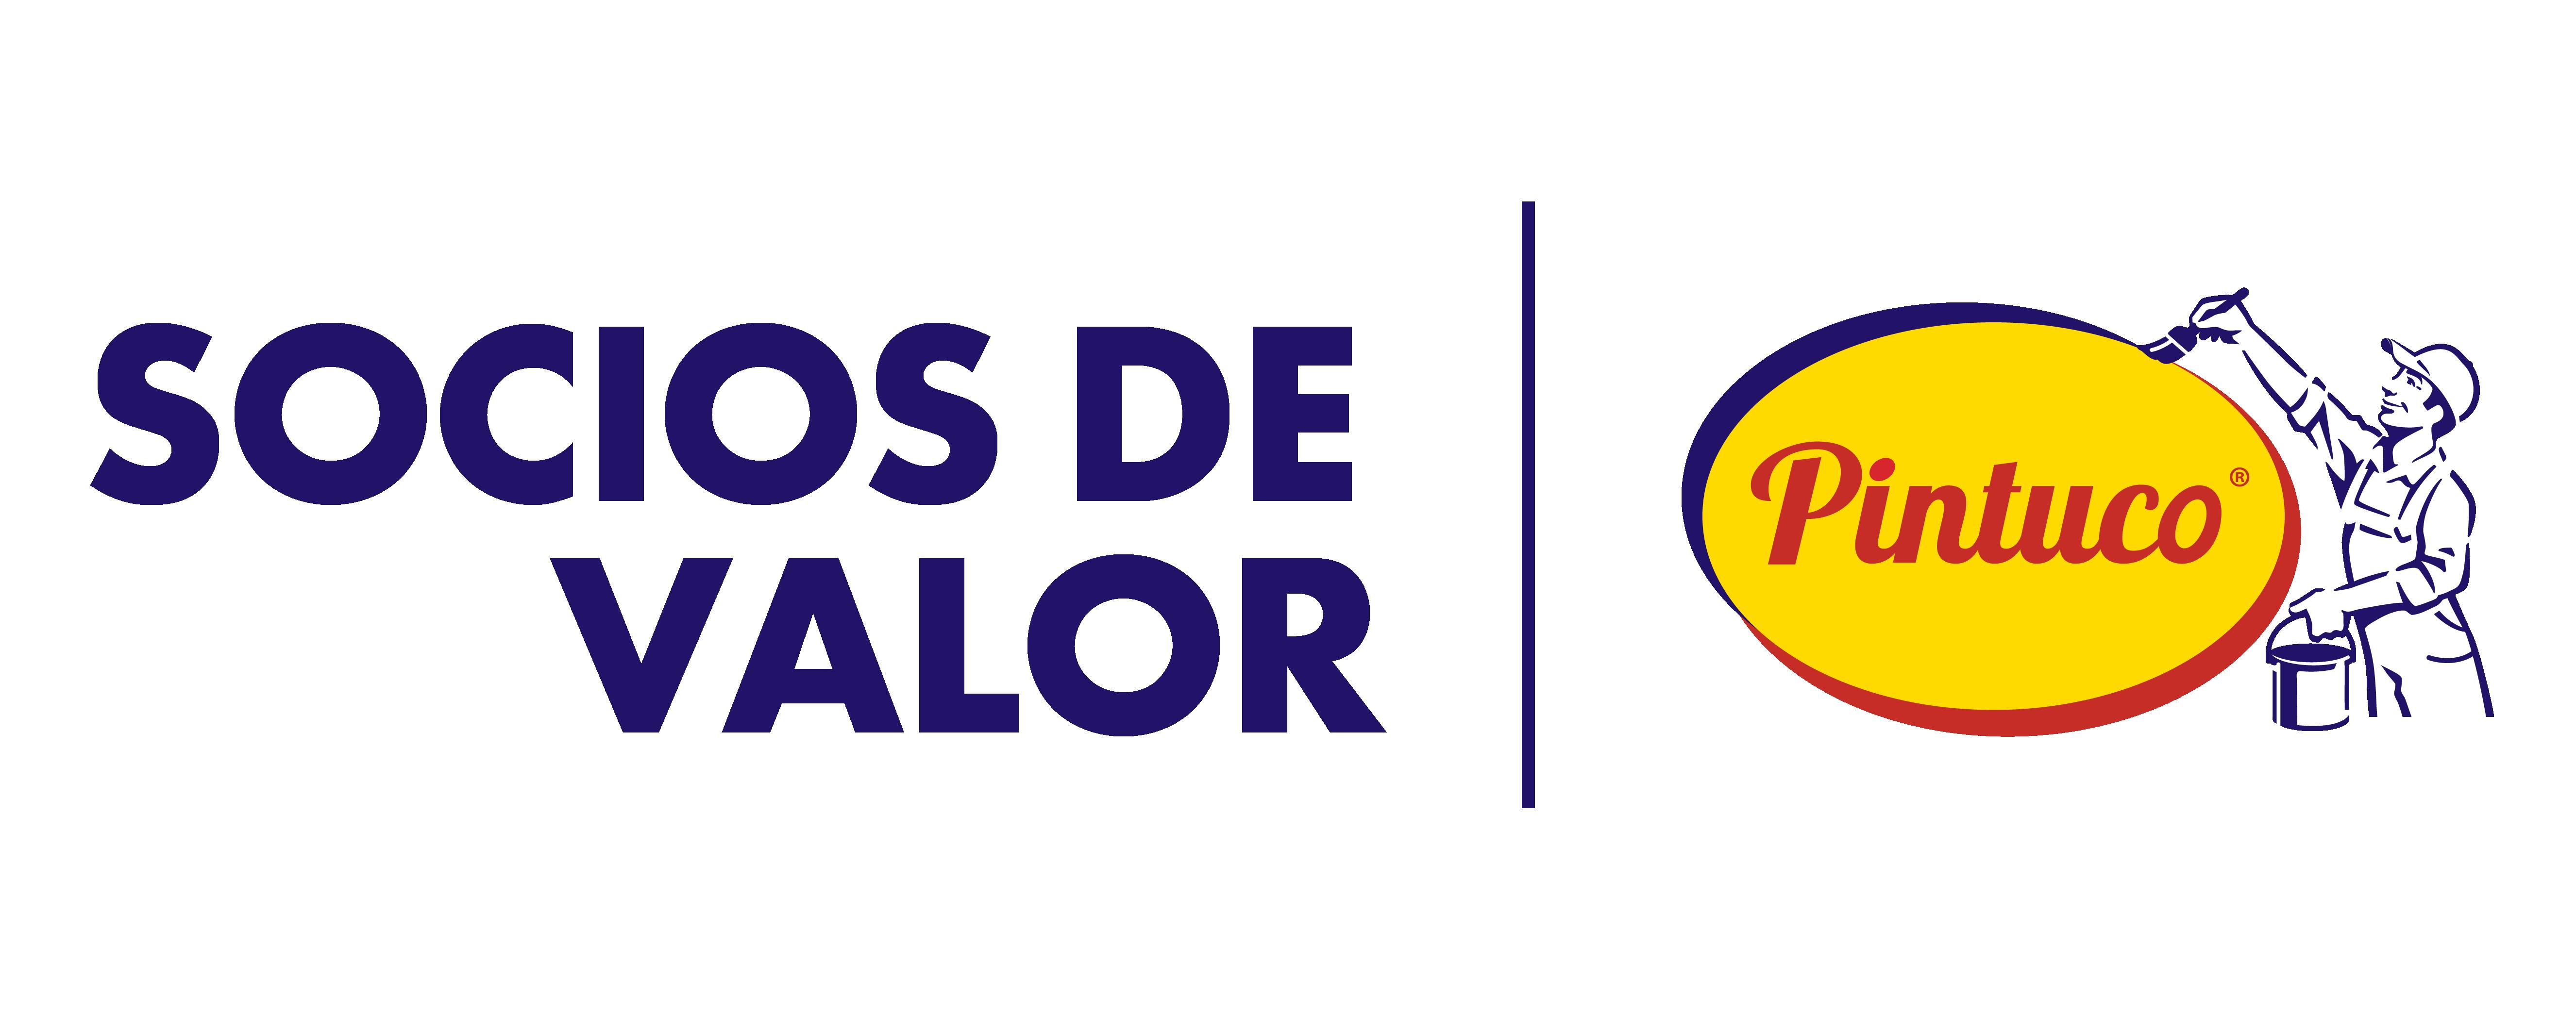 https://pintuco.com.co/wp-content/uploads/2021/06/logo-socios-de-valor-2.png